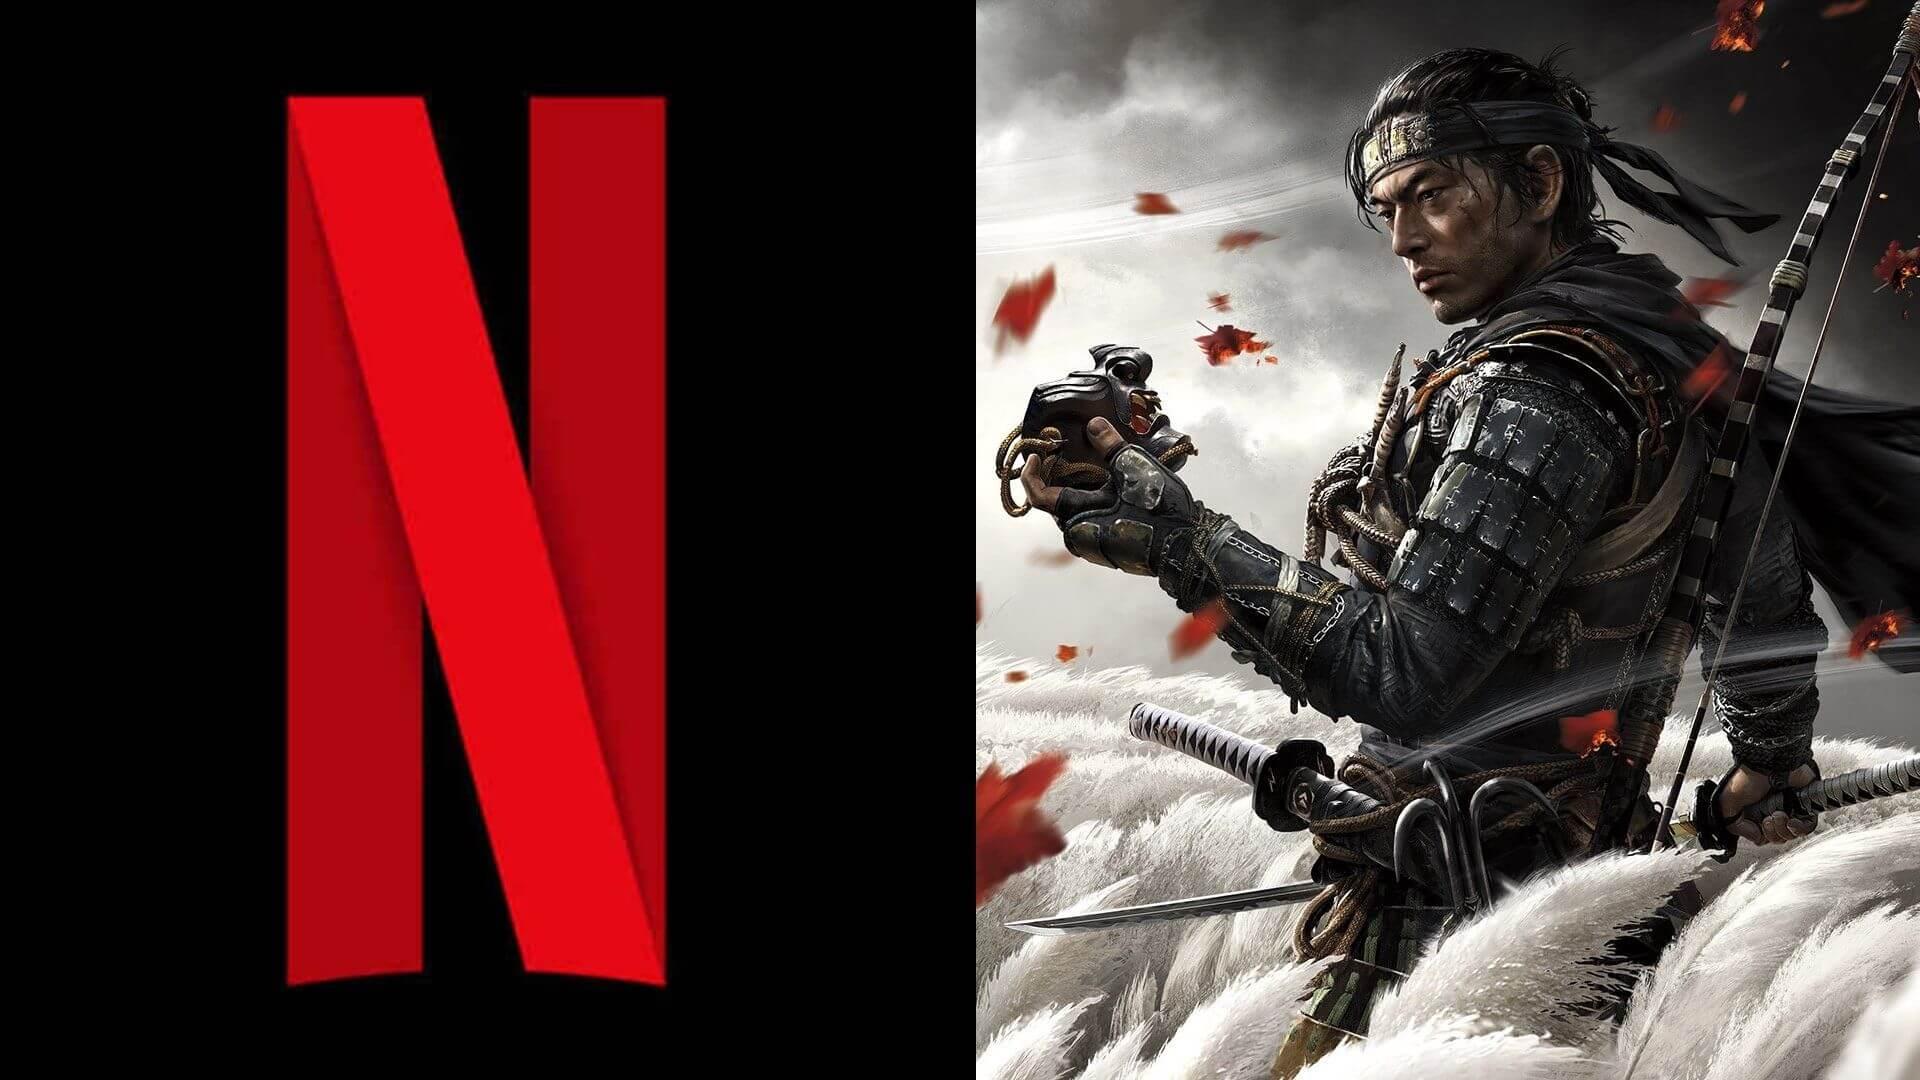 Un dataminer encuentra imágenes de Ghost of Tsushima en datos de una app de Netflix; ¿Posible colaboración?